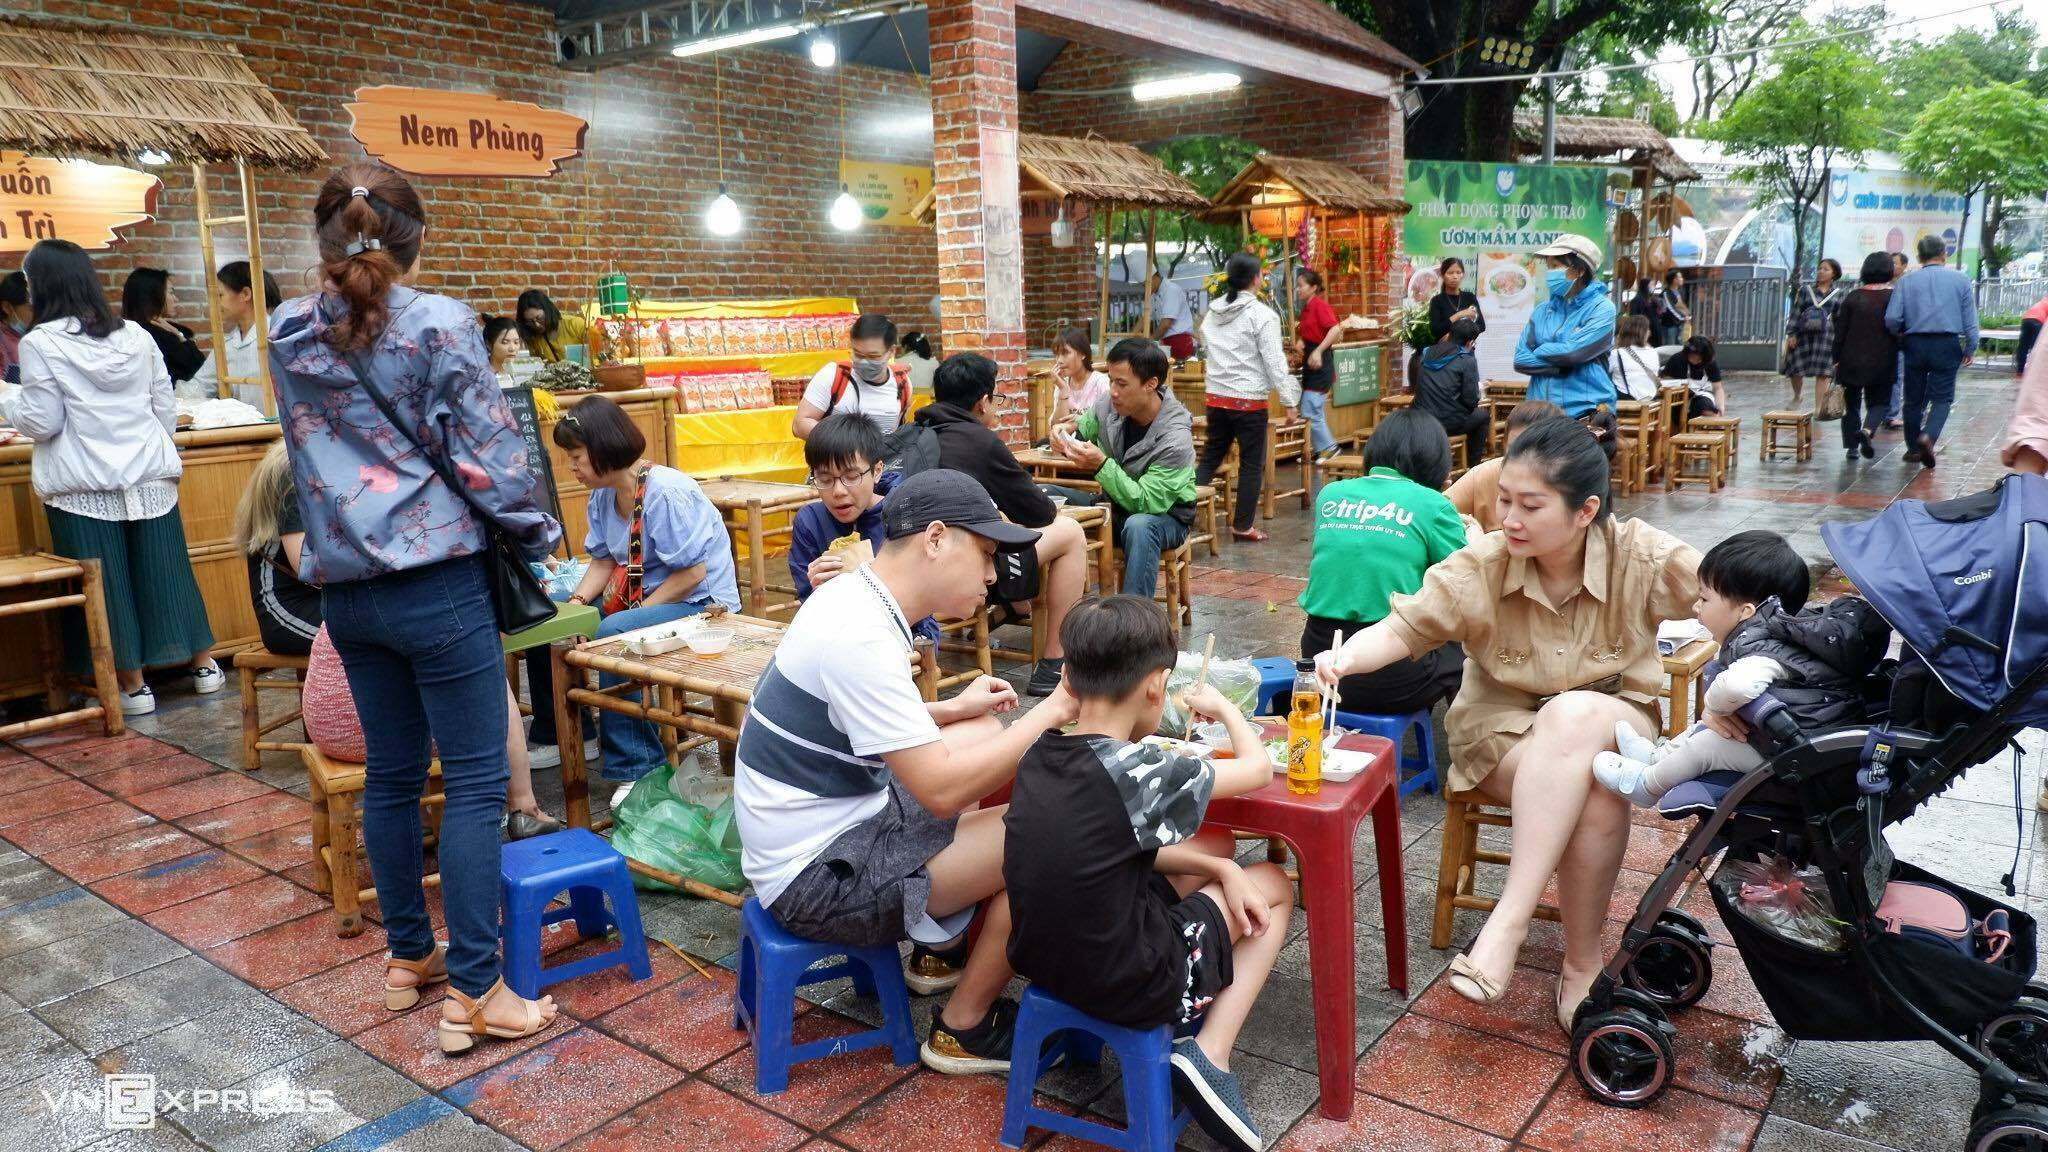 Trong khuôn khổ sự kiện, khu vực ẩm thực cũng thu hút nhiều du khách. Đặc biệt là gian phở Hà Nội, bánh cuốn Thanh Trì, bún thang... Ảnh: Trung Nghĩa.